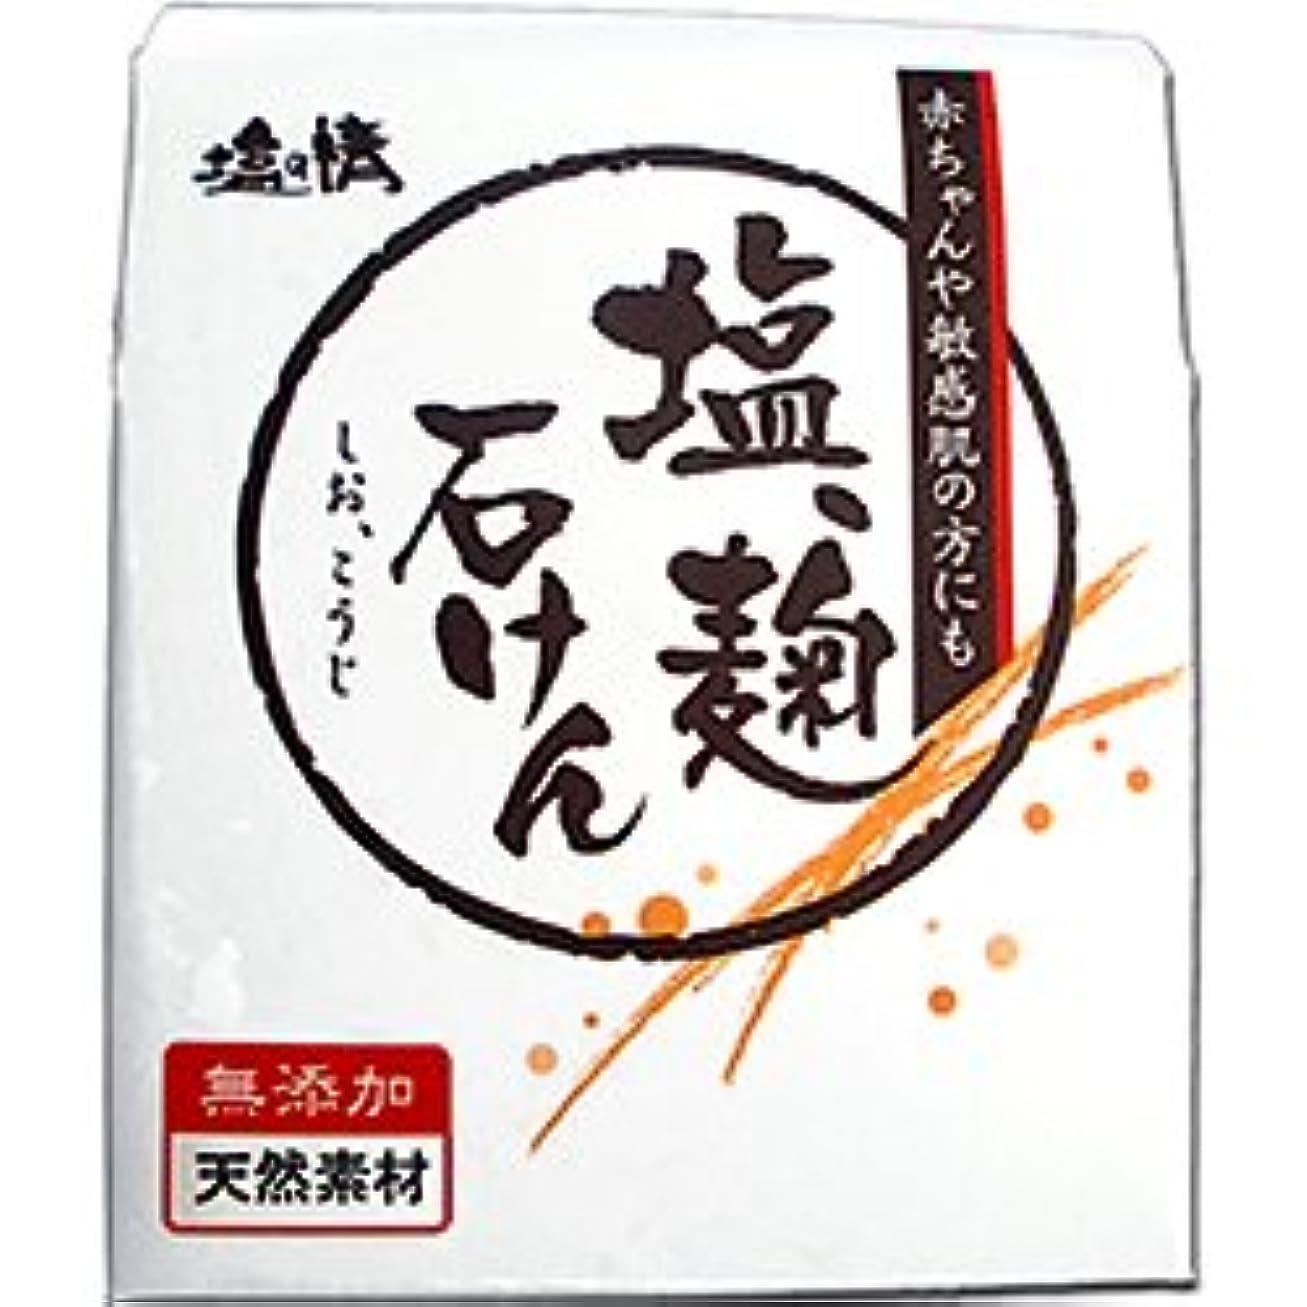 沿って調和のとれた広告する【ダイムヘルスケア】塩の精 塩、麹石けん(しお、こうじせっけん) 無添加?天然素材 80g ×10個セット